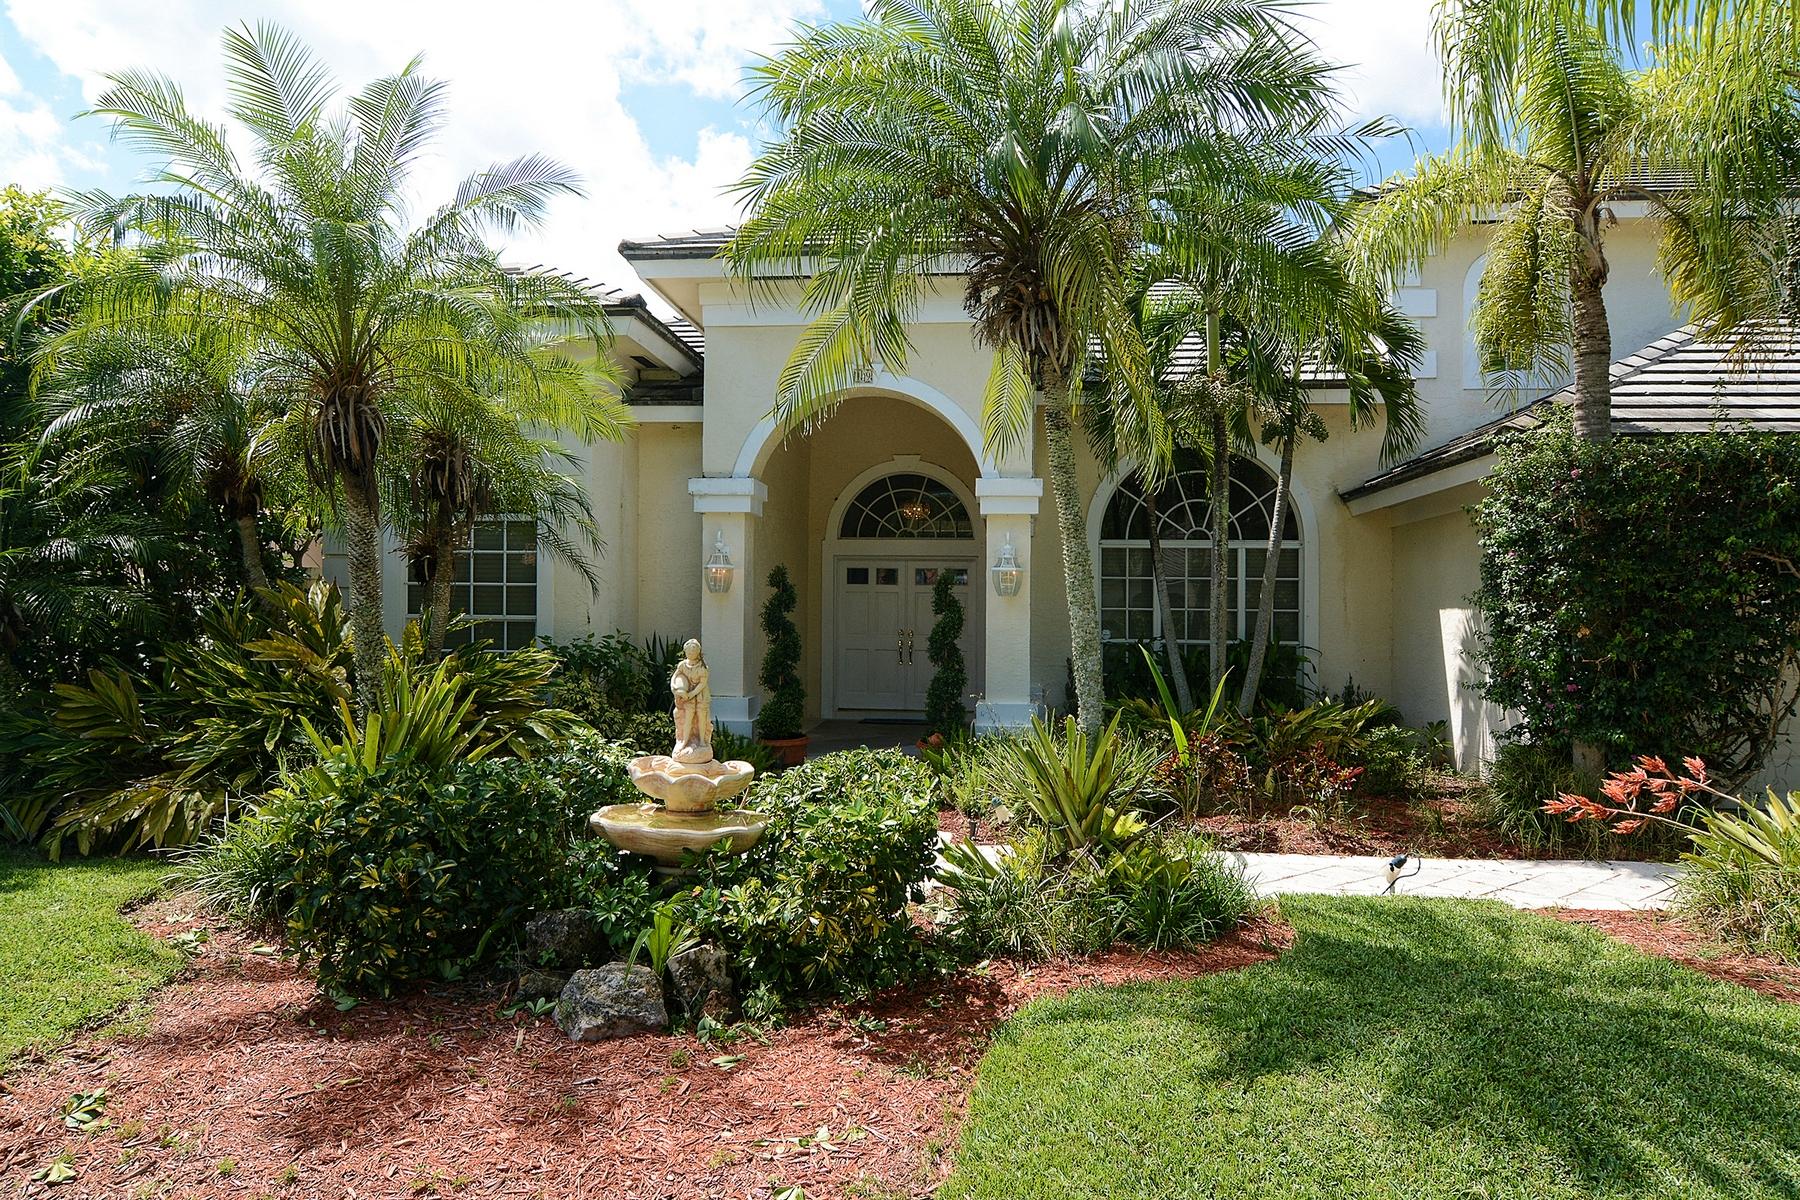 Villa per Vendita alle ore 19 Windward Isle Palm Beach Gardens, Florida, 33418 Stati Uniti